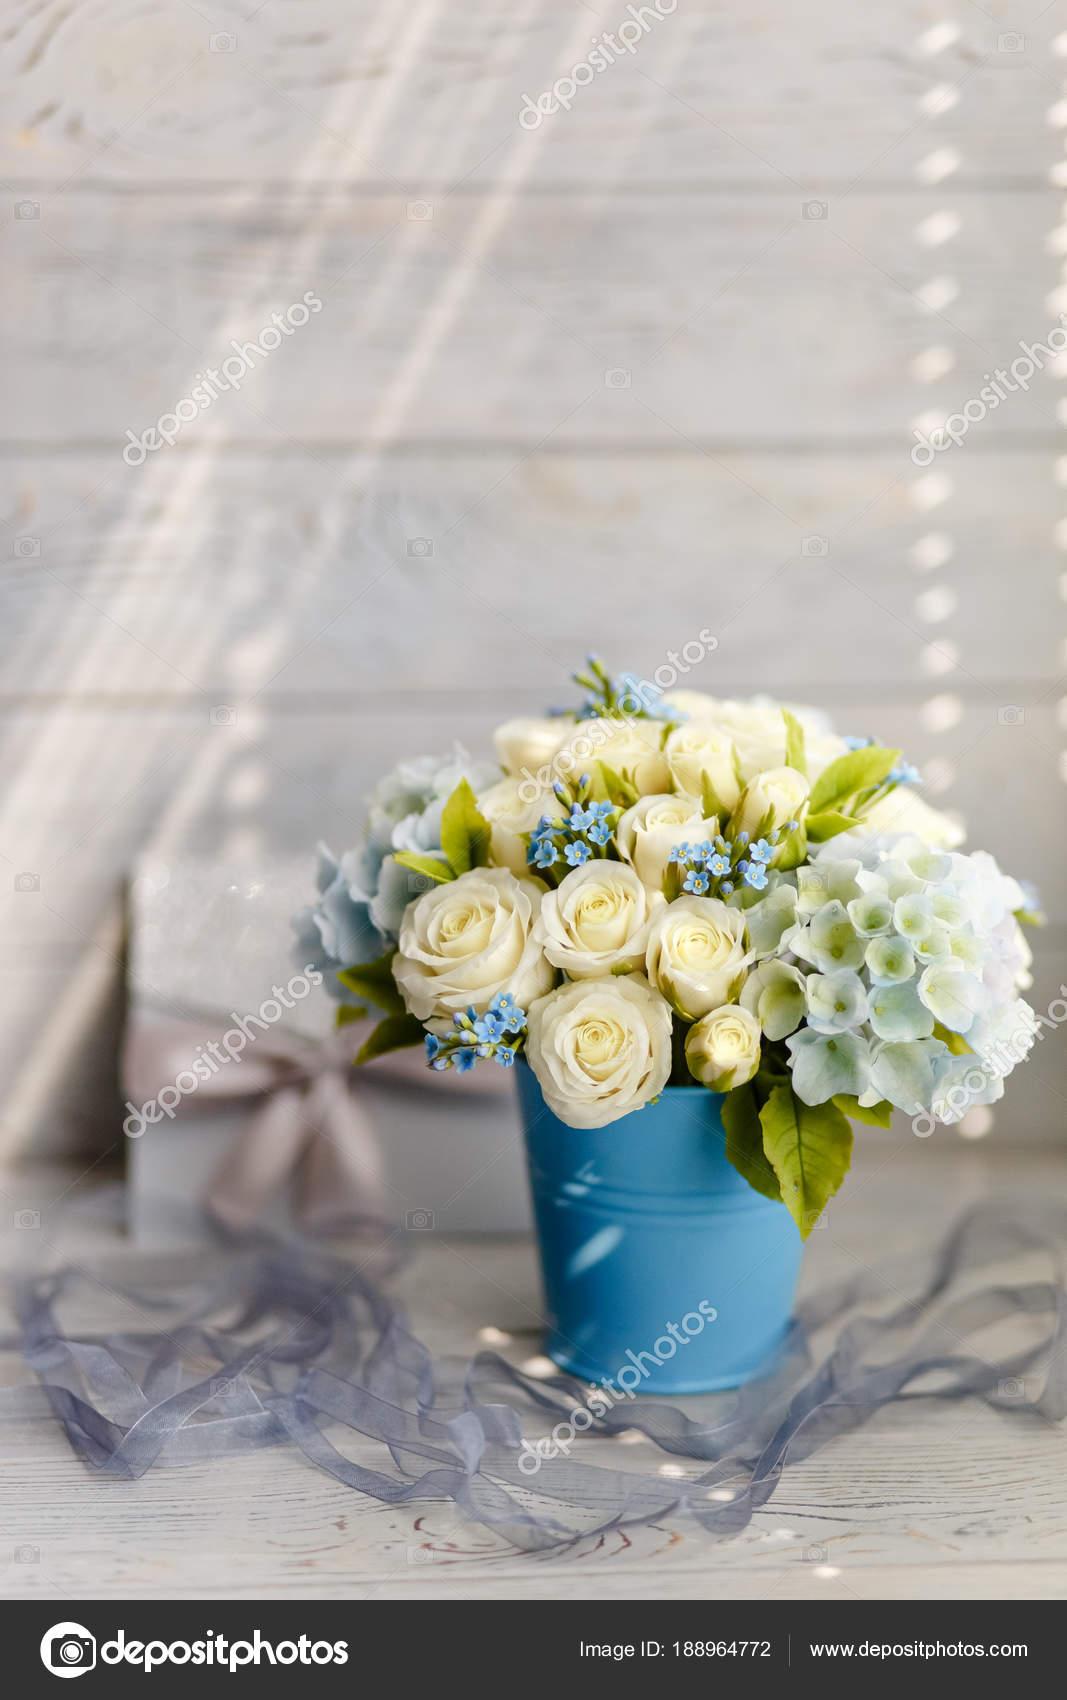 Addobbi Matrimonio Azzurro : Profumo primavera squisito fiori matrimonio bianco blu addobbi